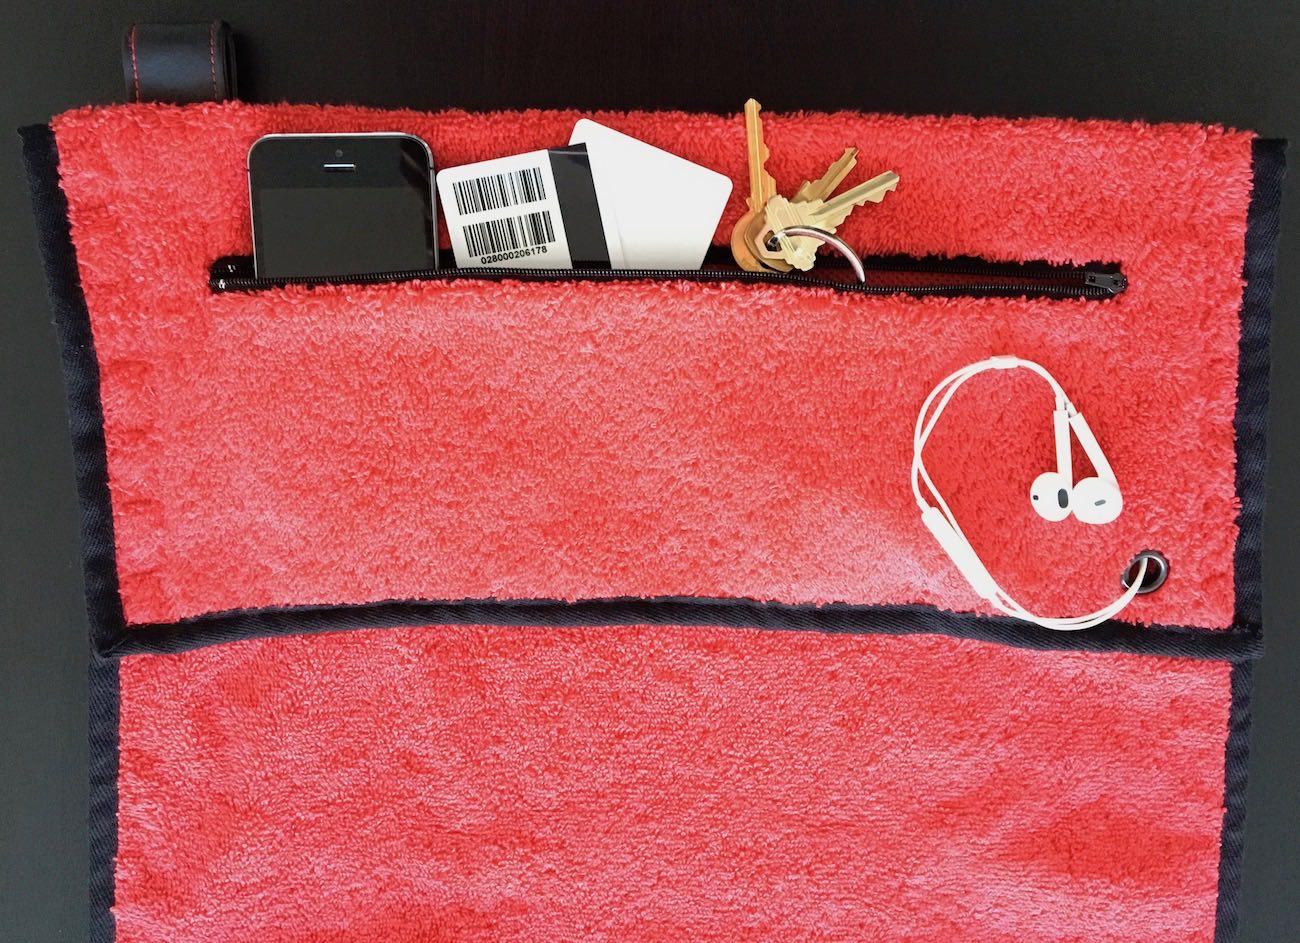 Tooowel 5.0 Stabilizing Fold Gym Towel